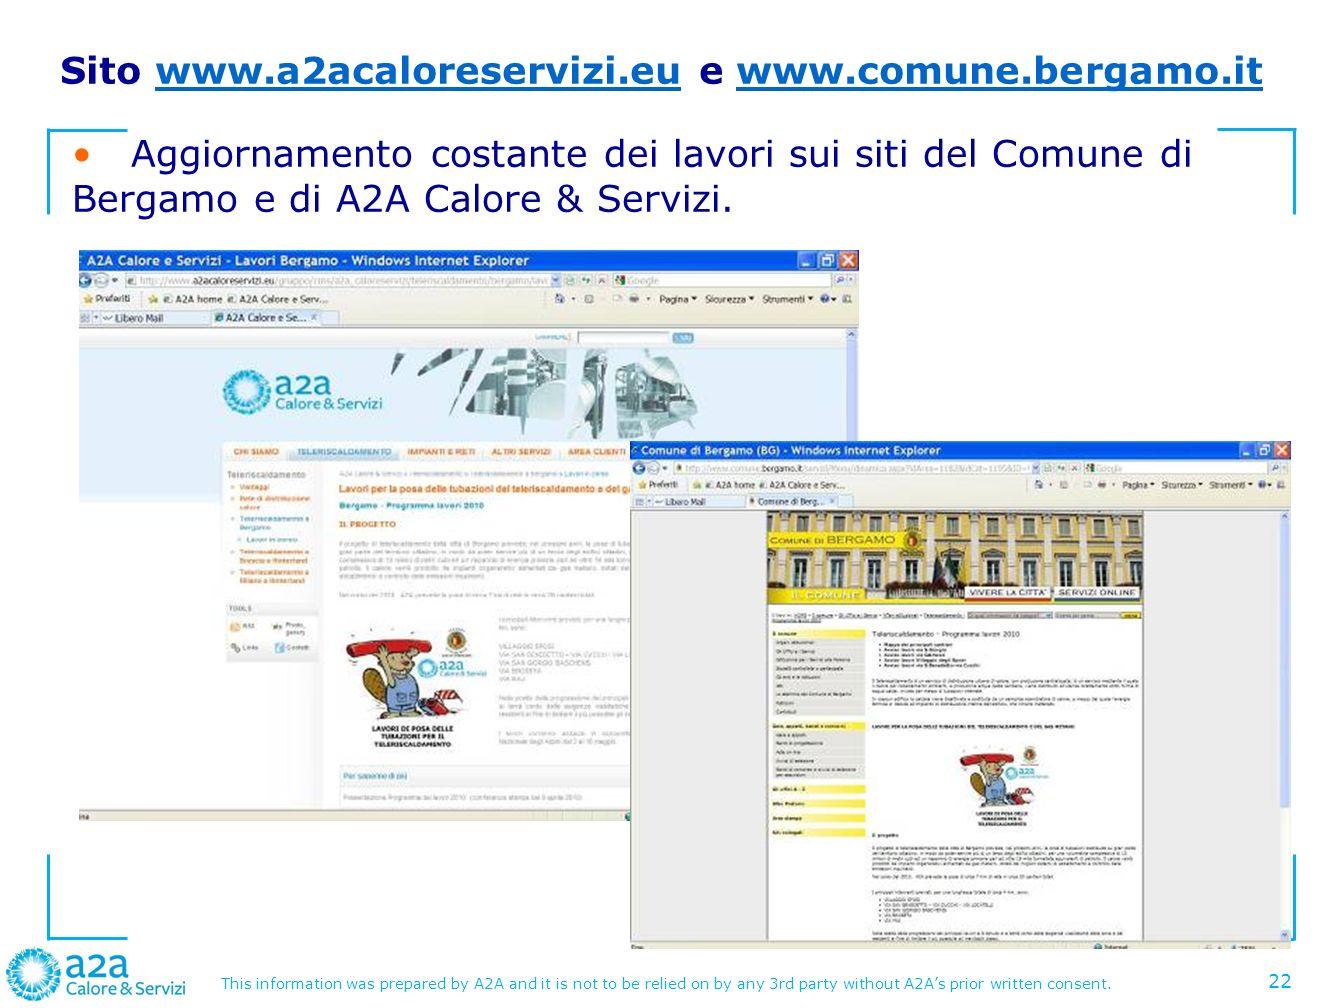 Sito www.a2acaloreservizi.eu e www.comune.bergamo.it